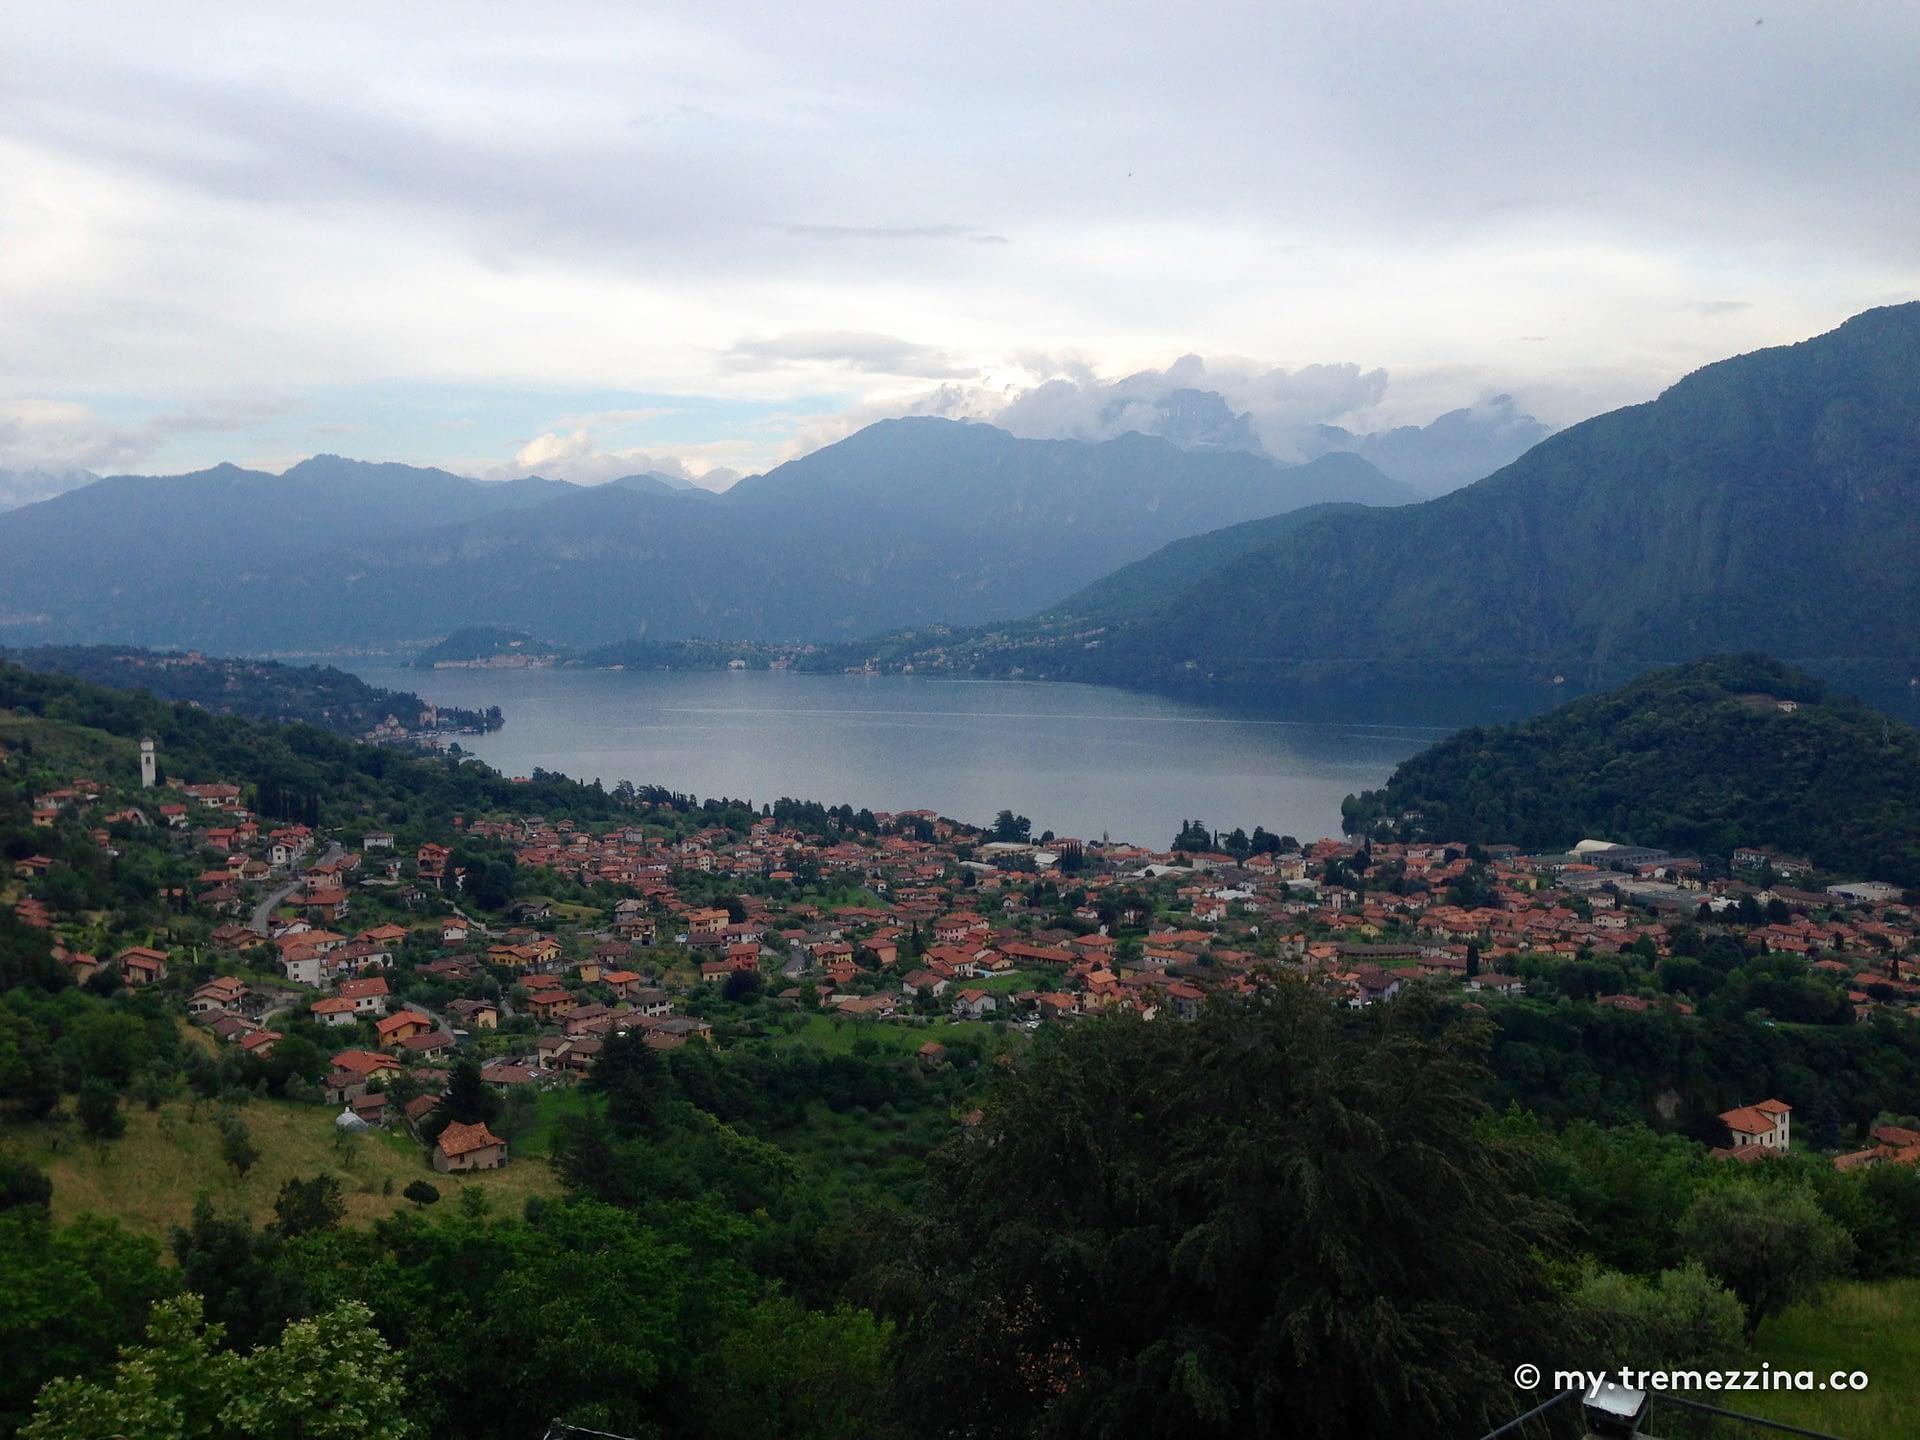 Vista da Santuario della Beata Vergine del Soccorso - Tremezzina Lago di Como